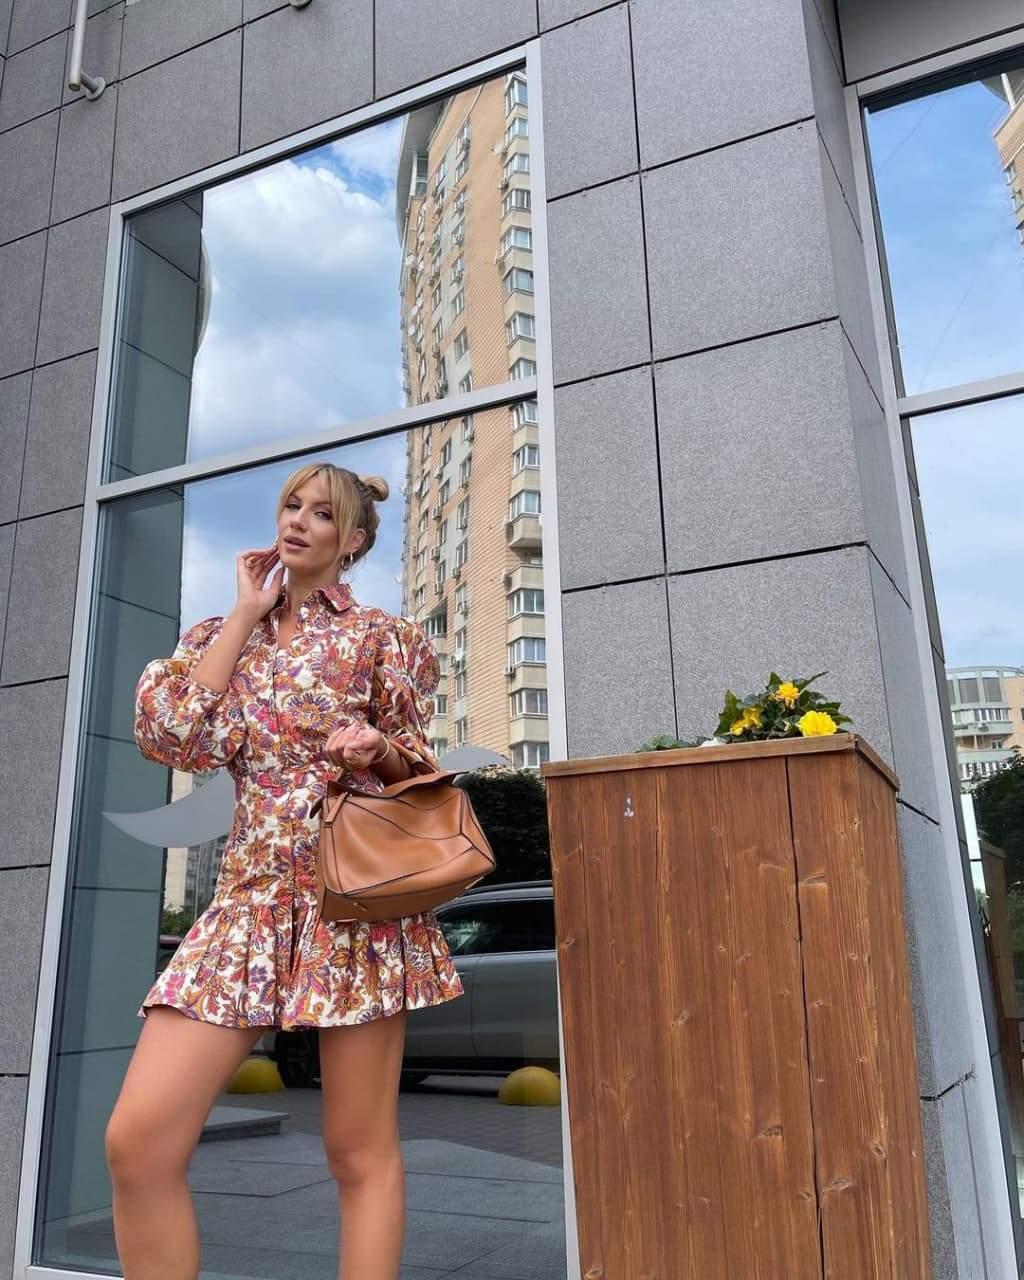 Стильний образ Лесі Нікітюк / Фото з інстаграму телеведучої